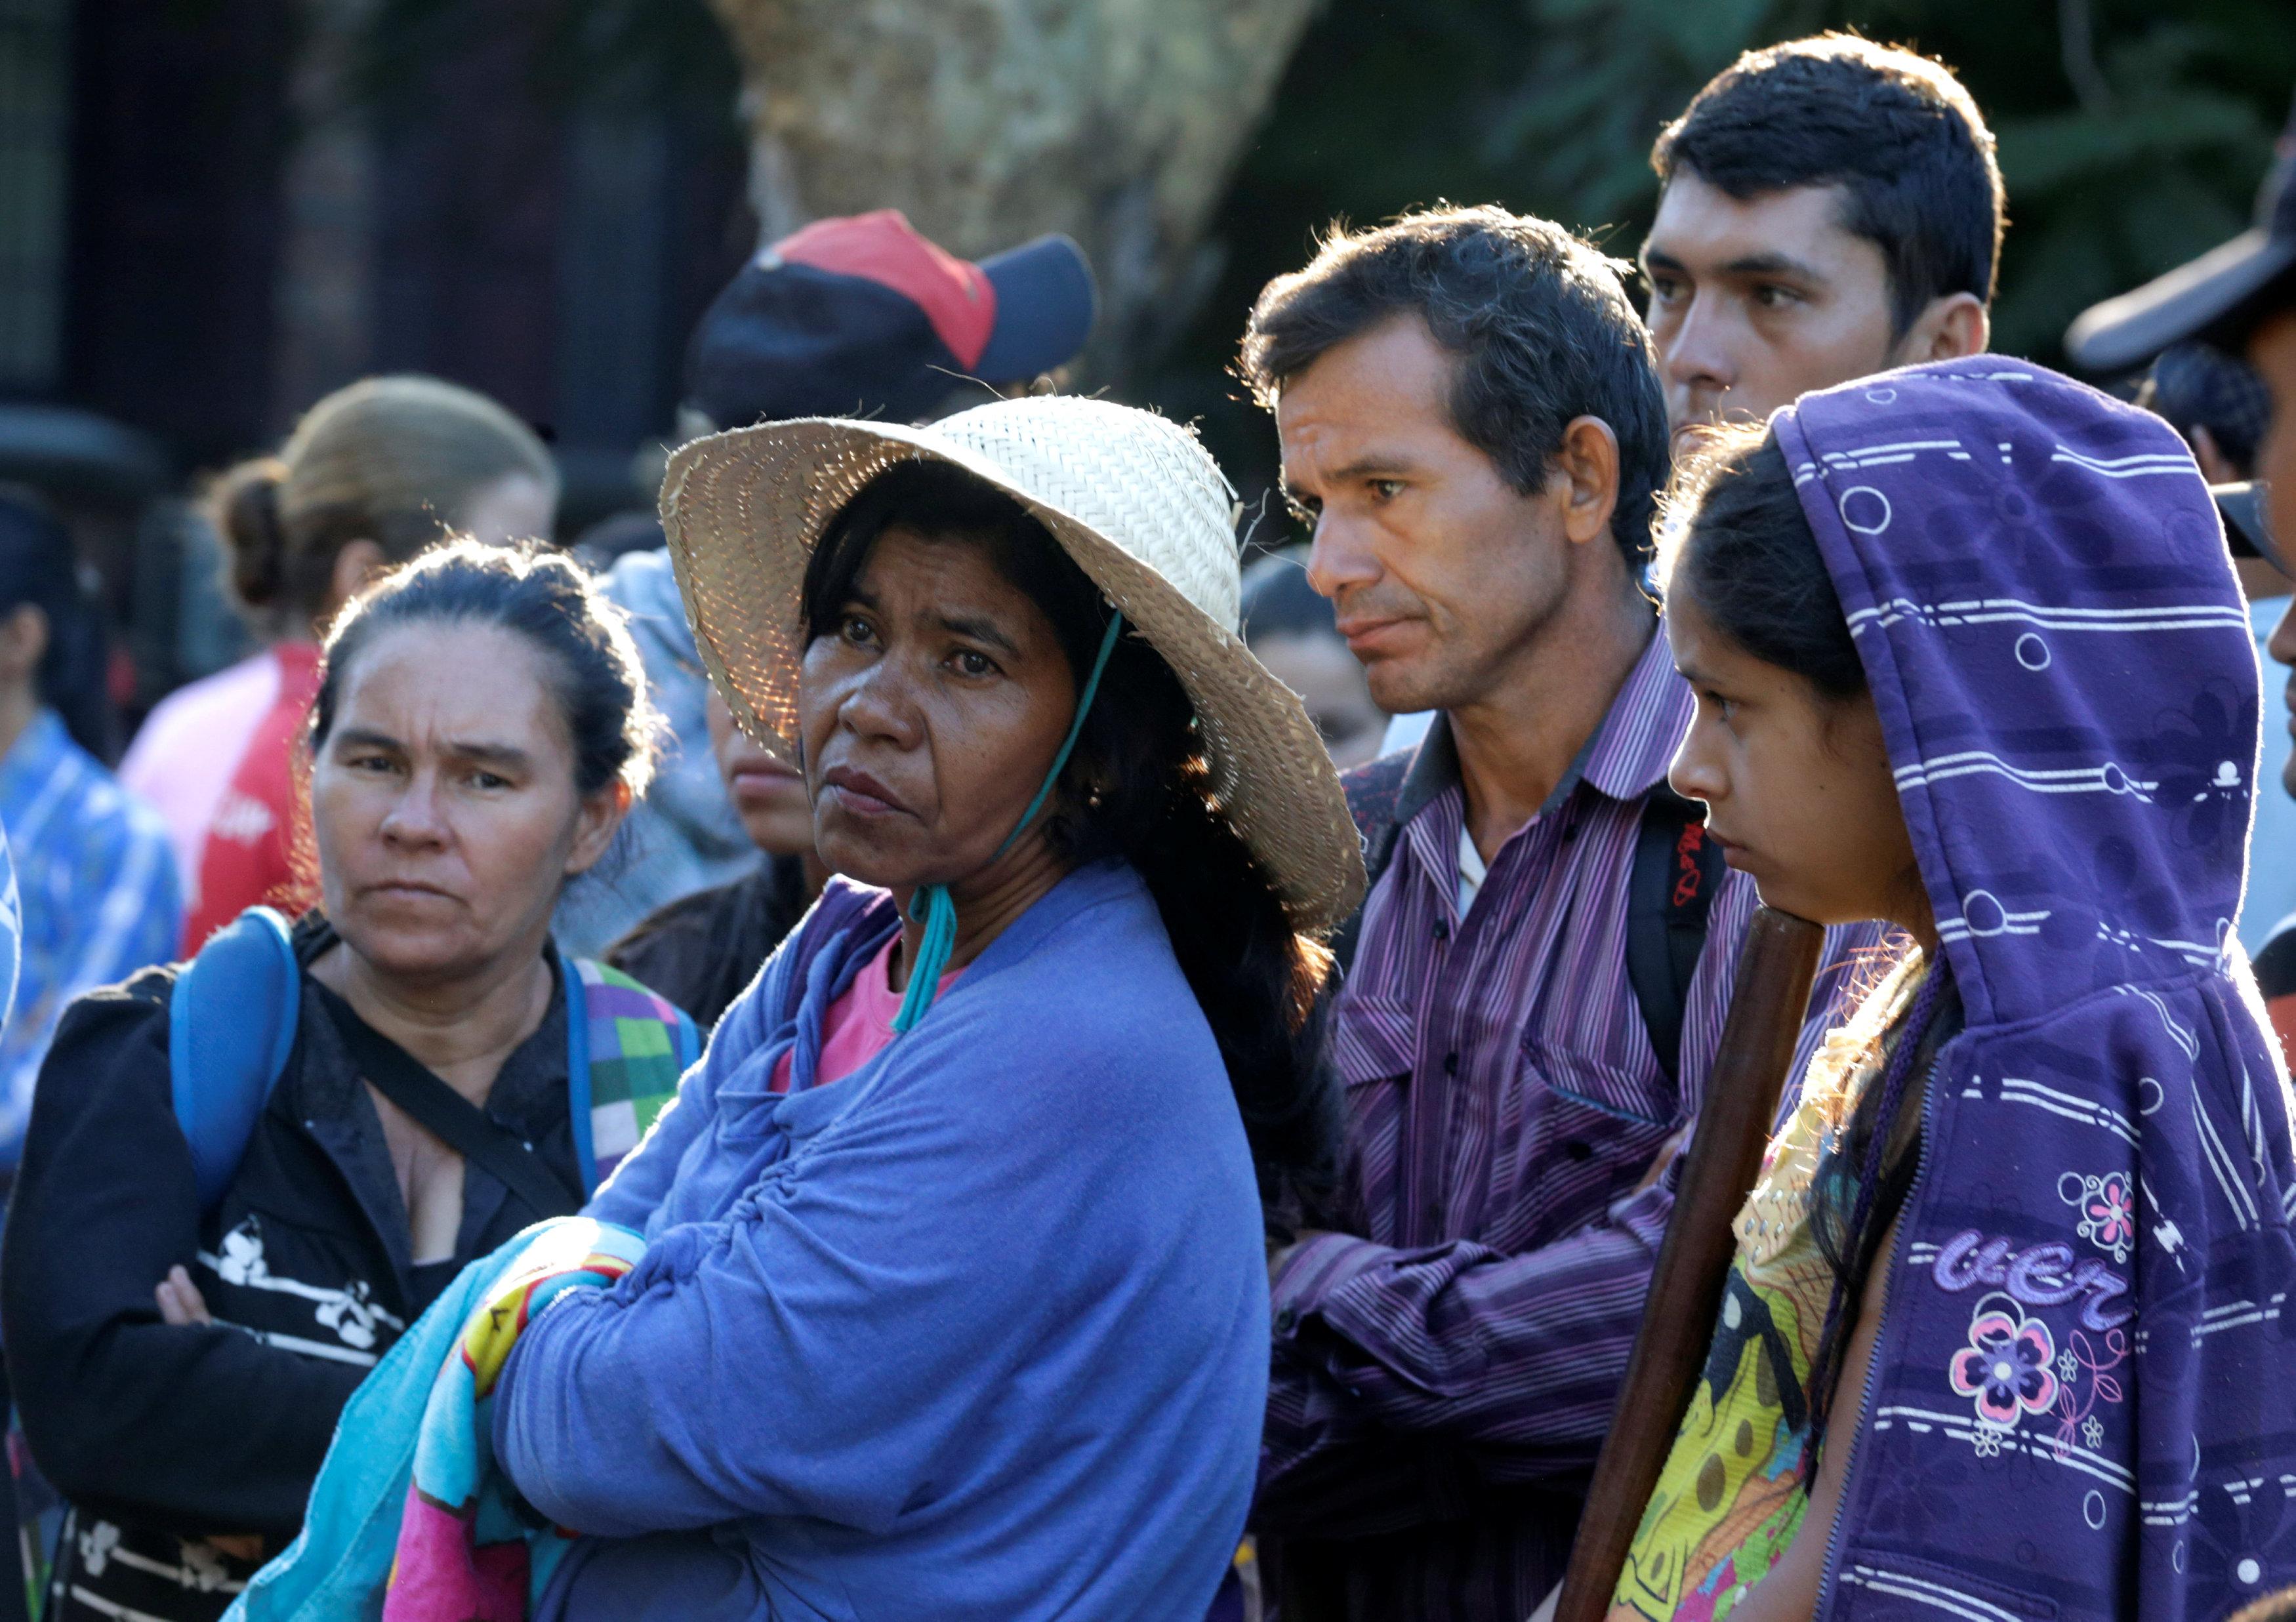 تظاهرات أعضاء اتحاد المزارعين ( فنك )